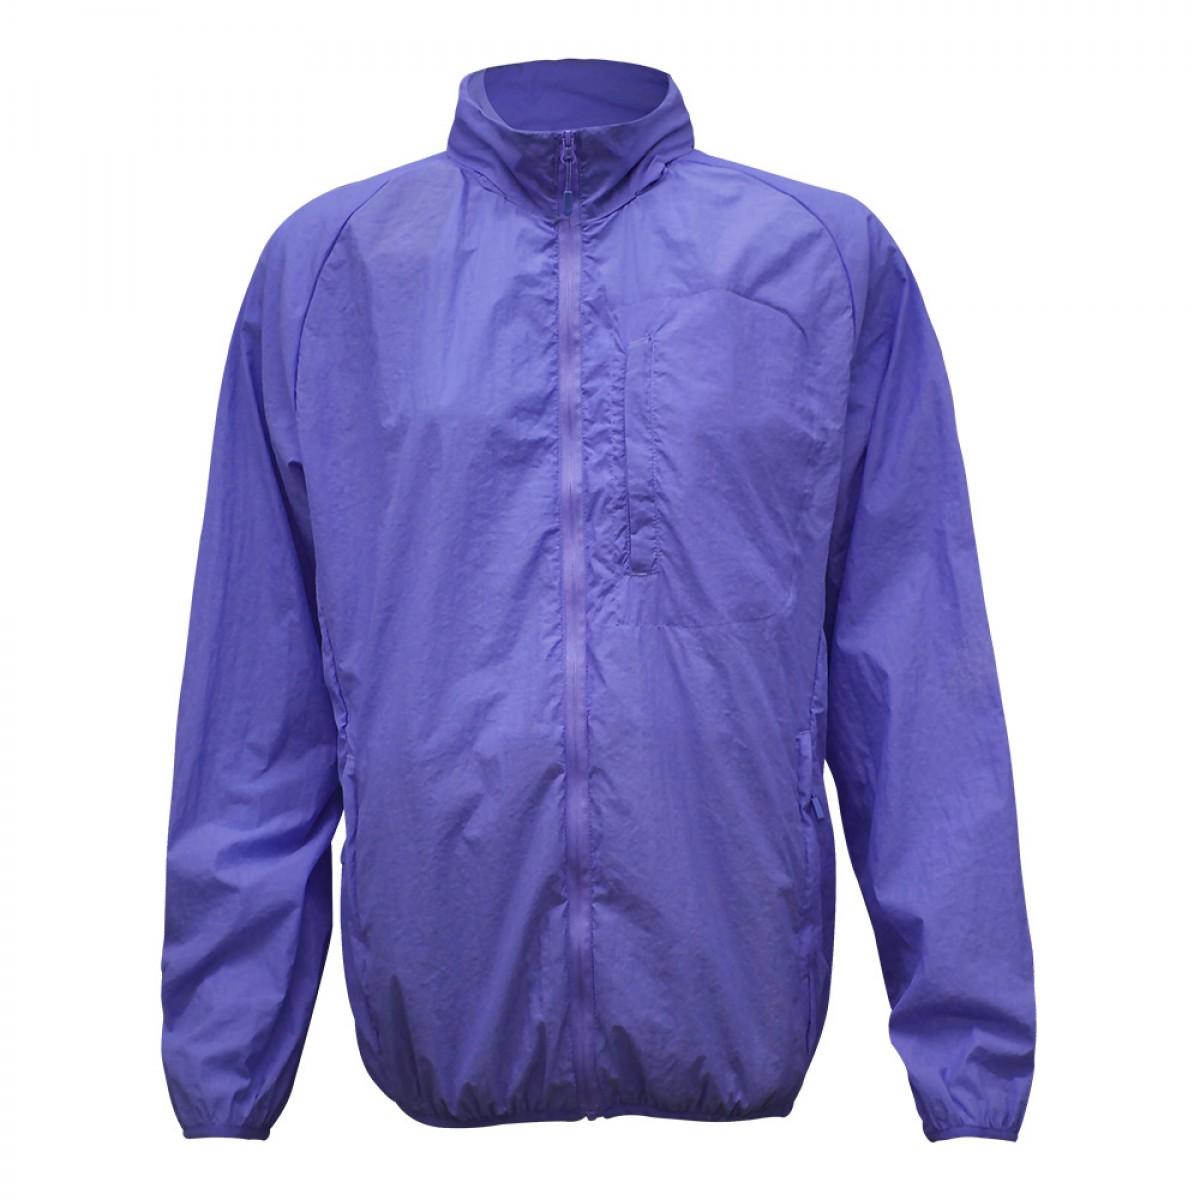 8848-women-windcheater-jacket-w1-kw1j96738-9a